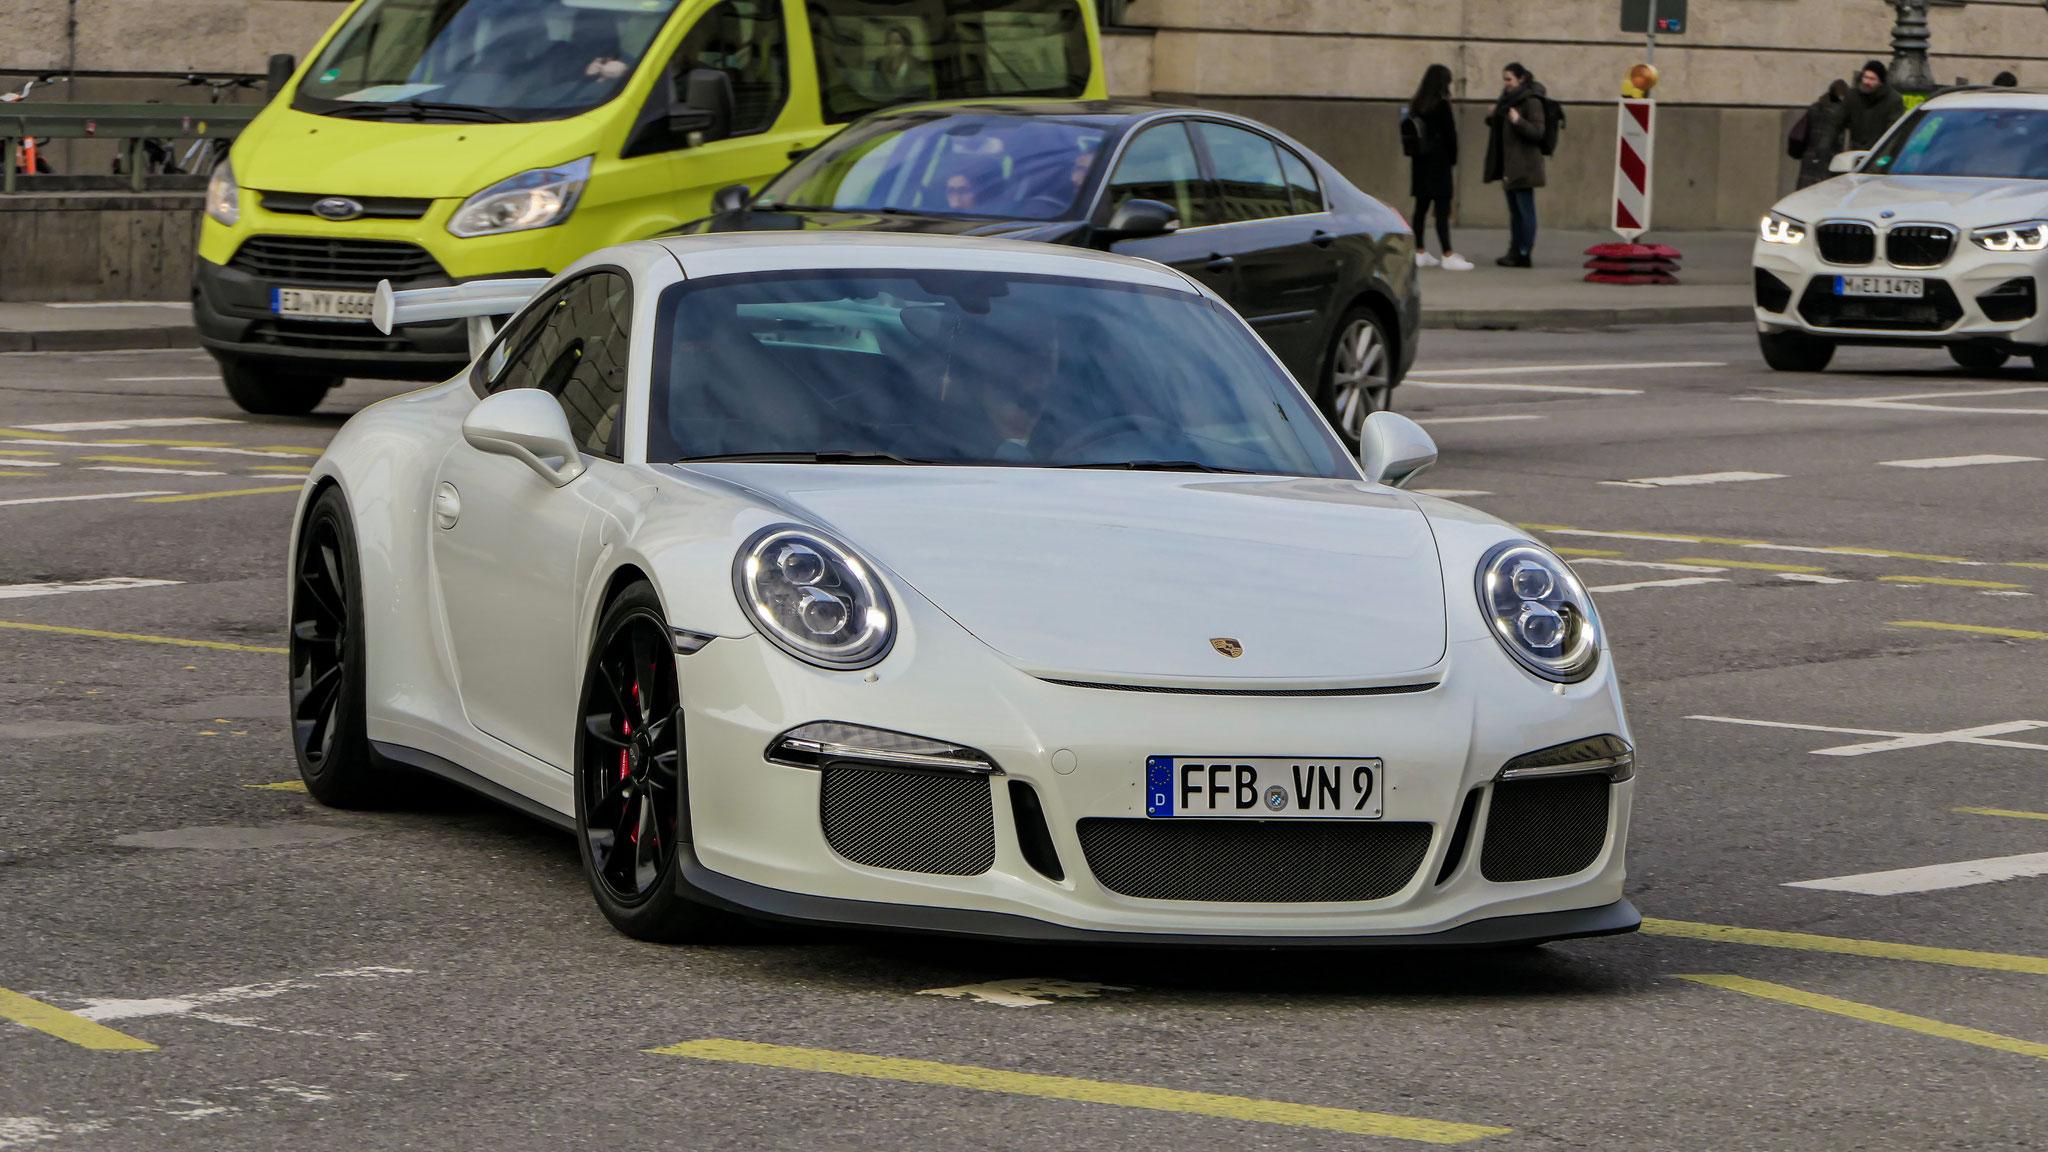 Porsche 991 GT3 - FFB-VN-9